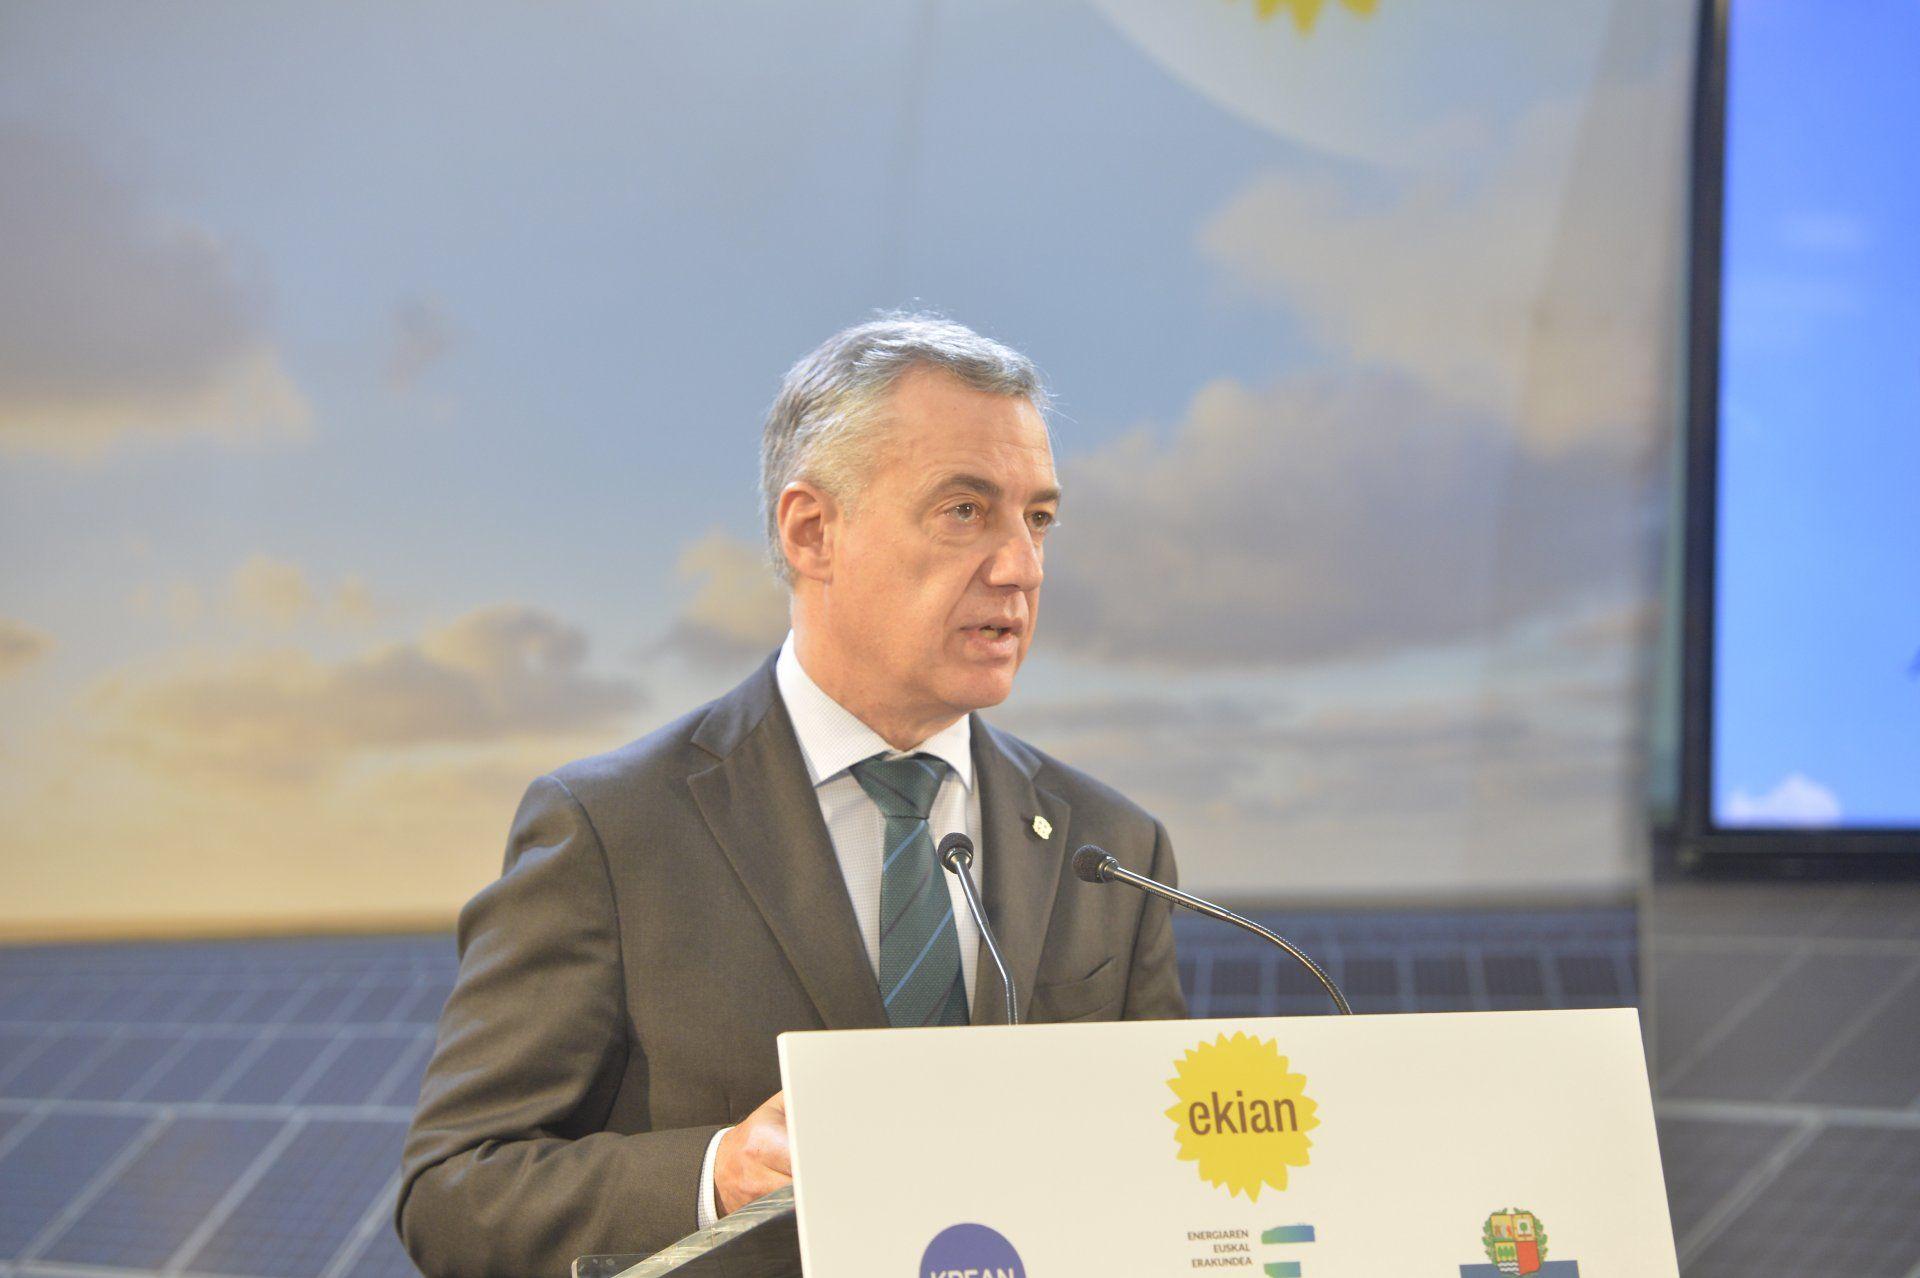 El EVE y KREAN impulsan EKIAN, el mayor parque solar fotovoltaico de Euskadi